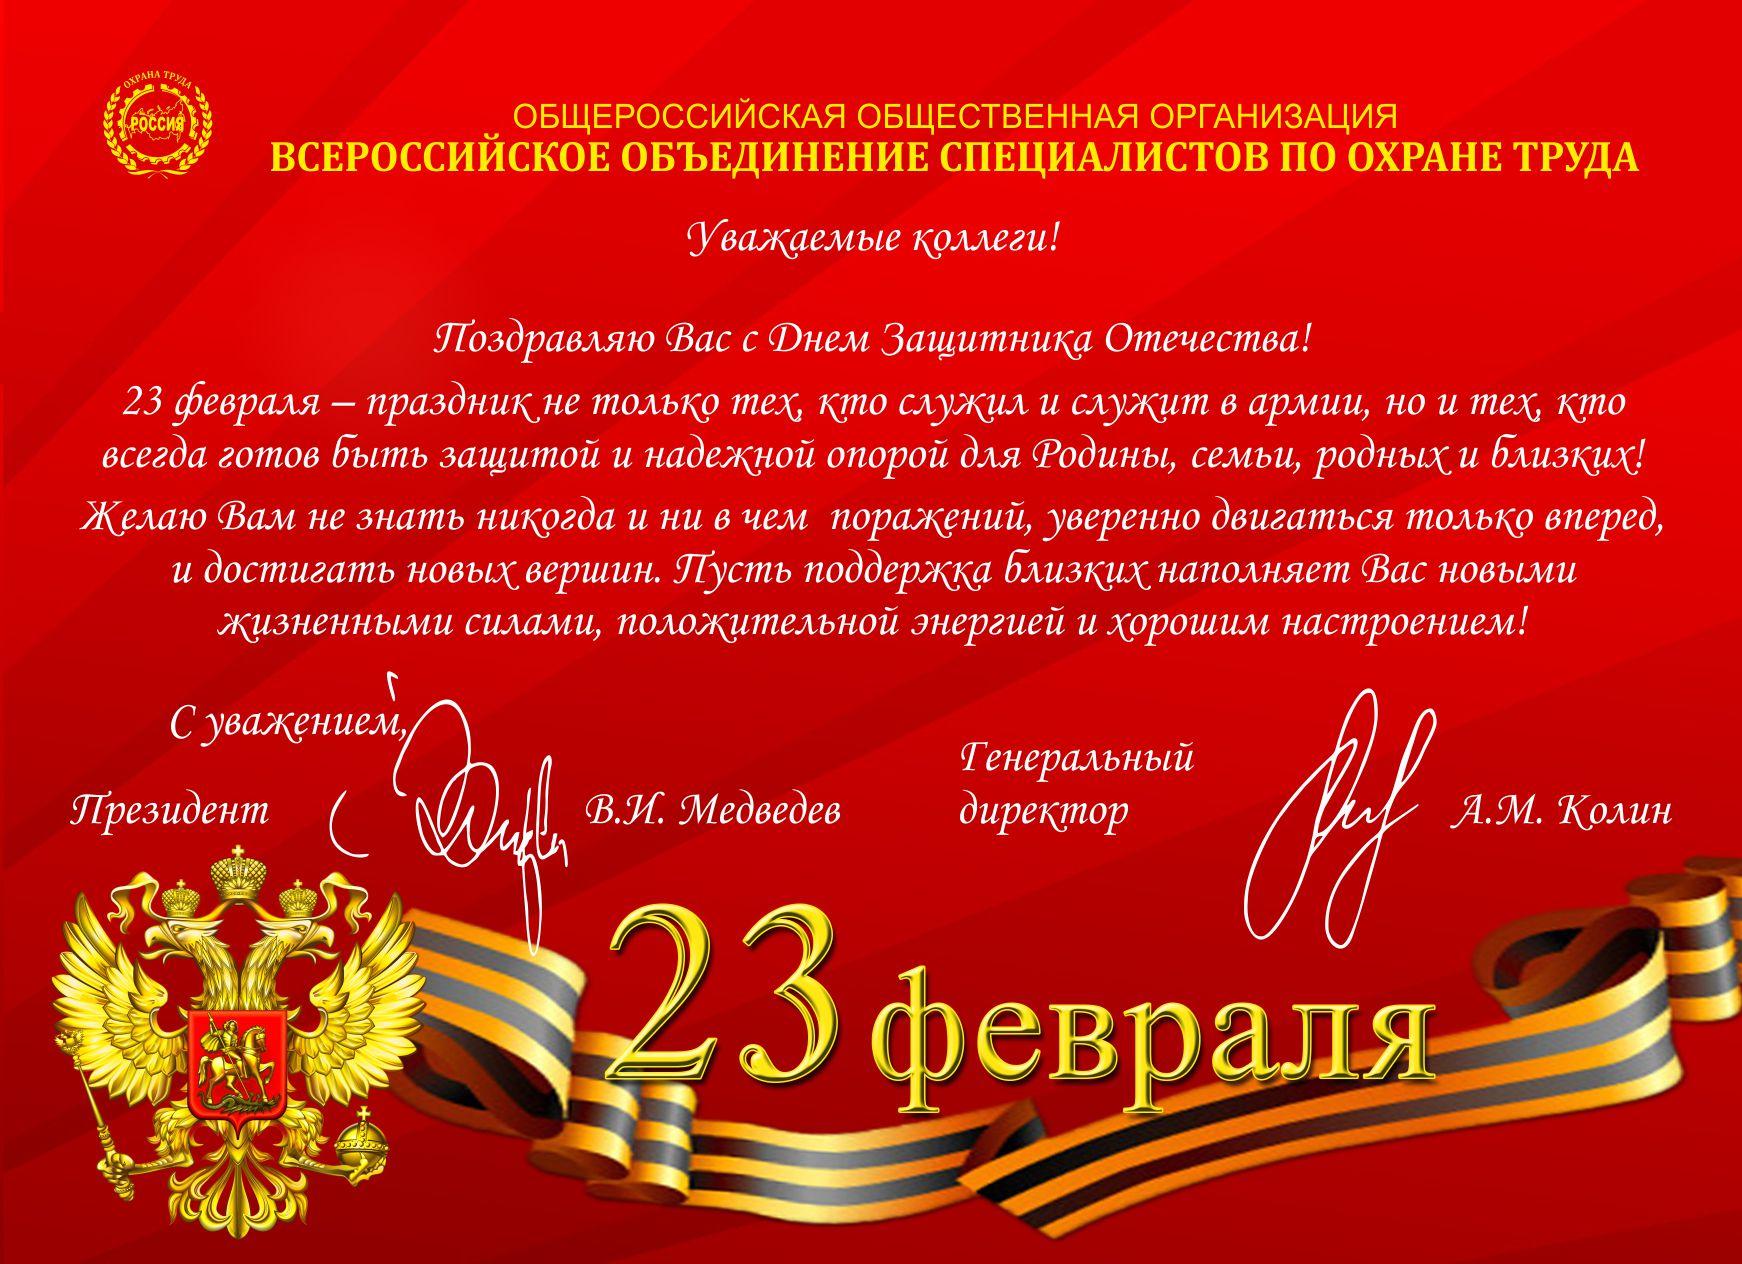 Фото с поздравлениями с днем защитника отечества